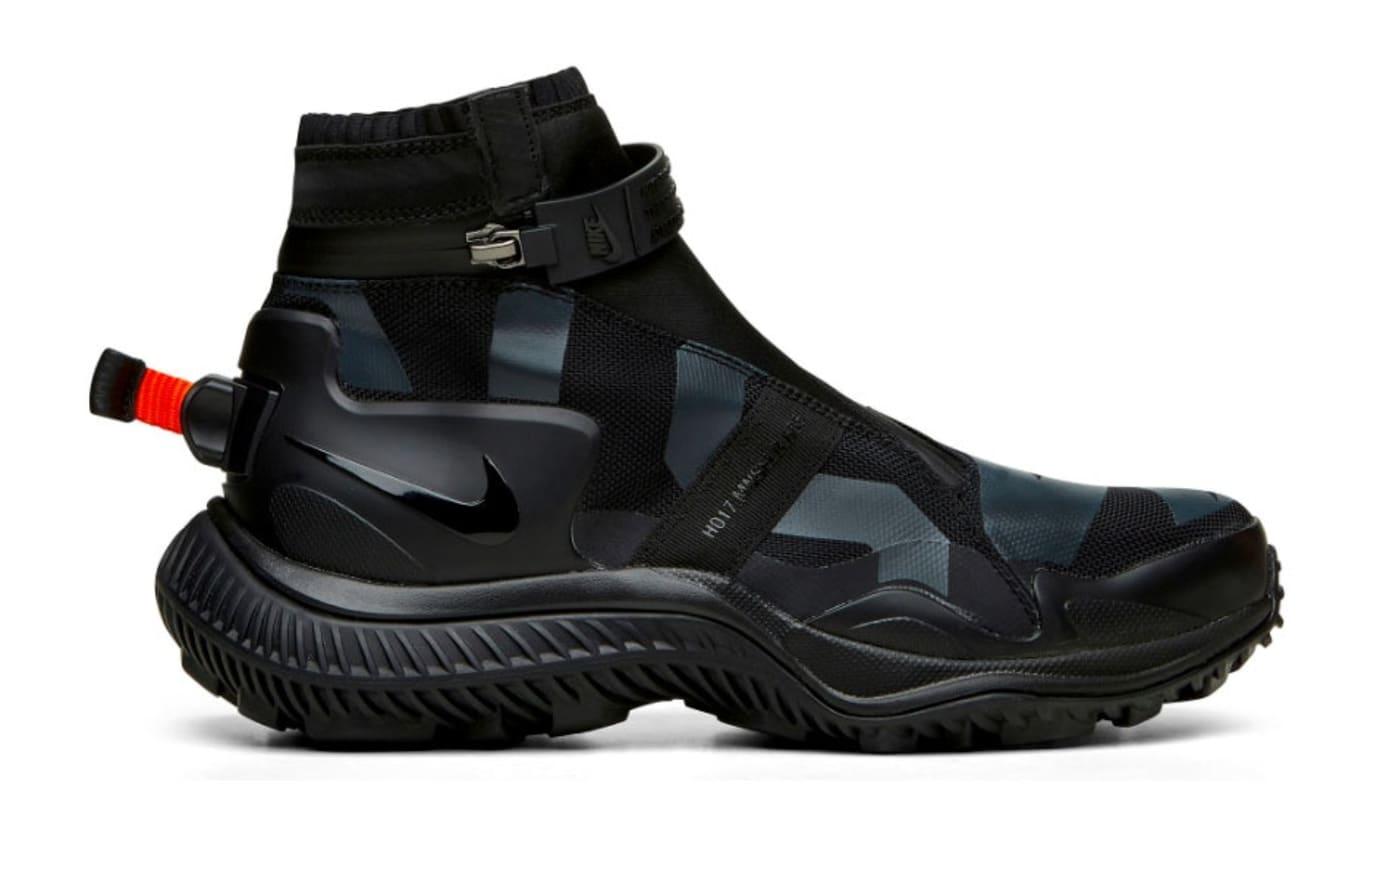 NikeLab Gyakusou Gaiter Boot 'Black' (Lateral)